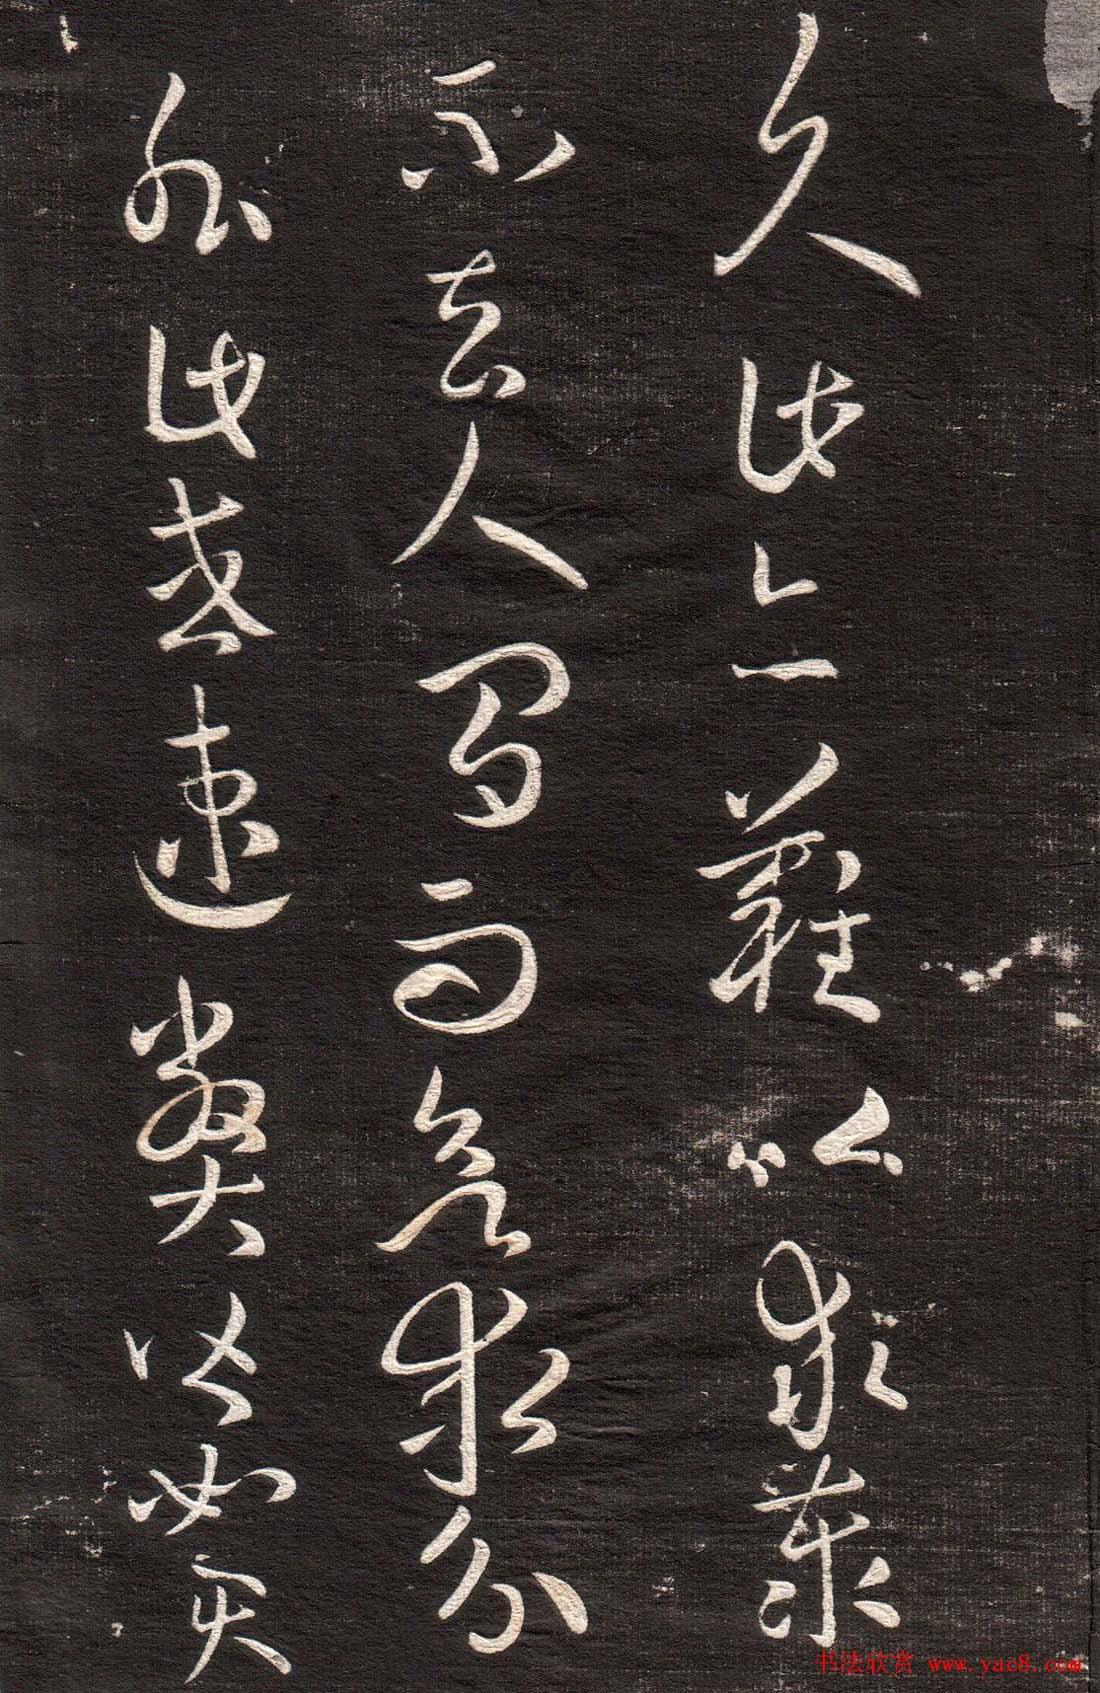 王羲之草书字帖下载《眉寿堂卷二》(18)图片